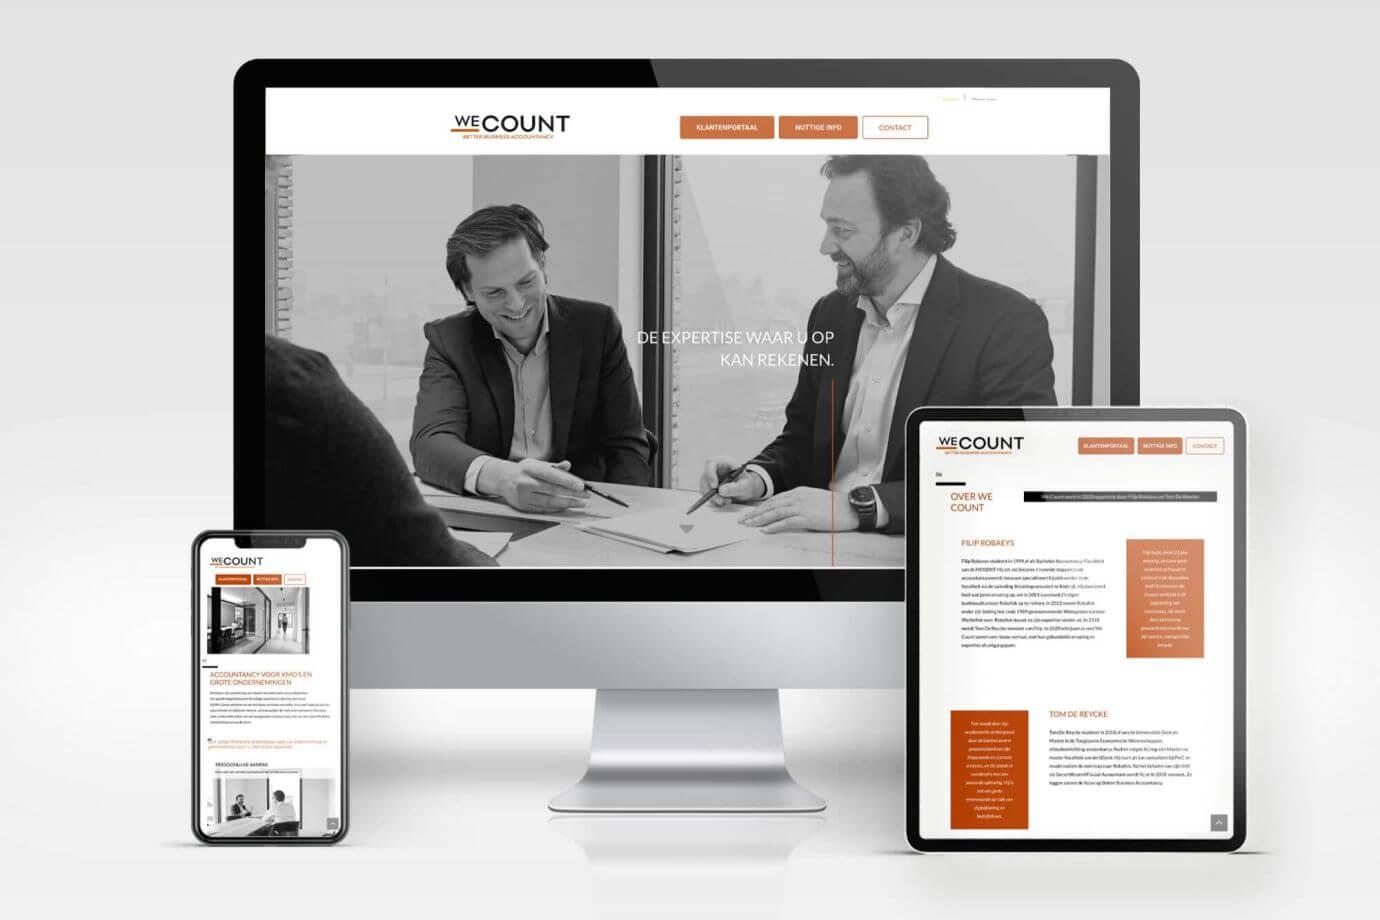 We Count website